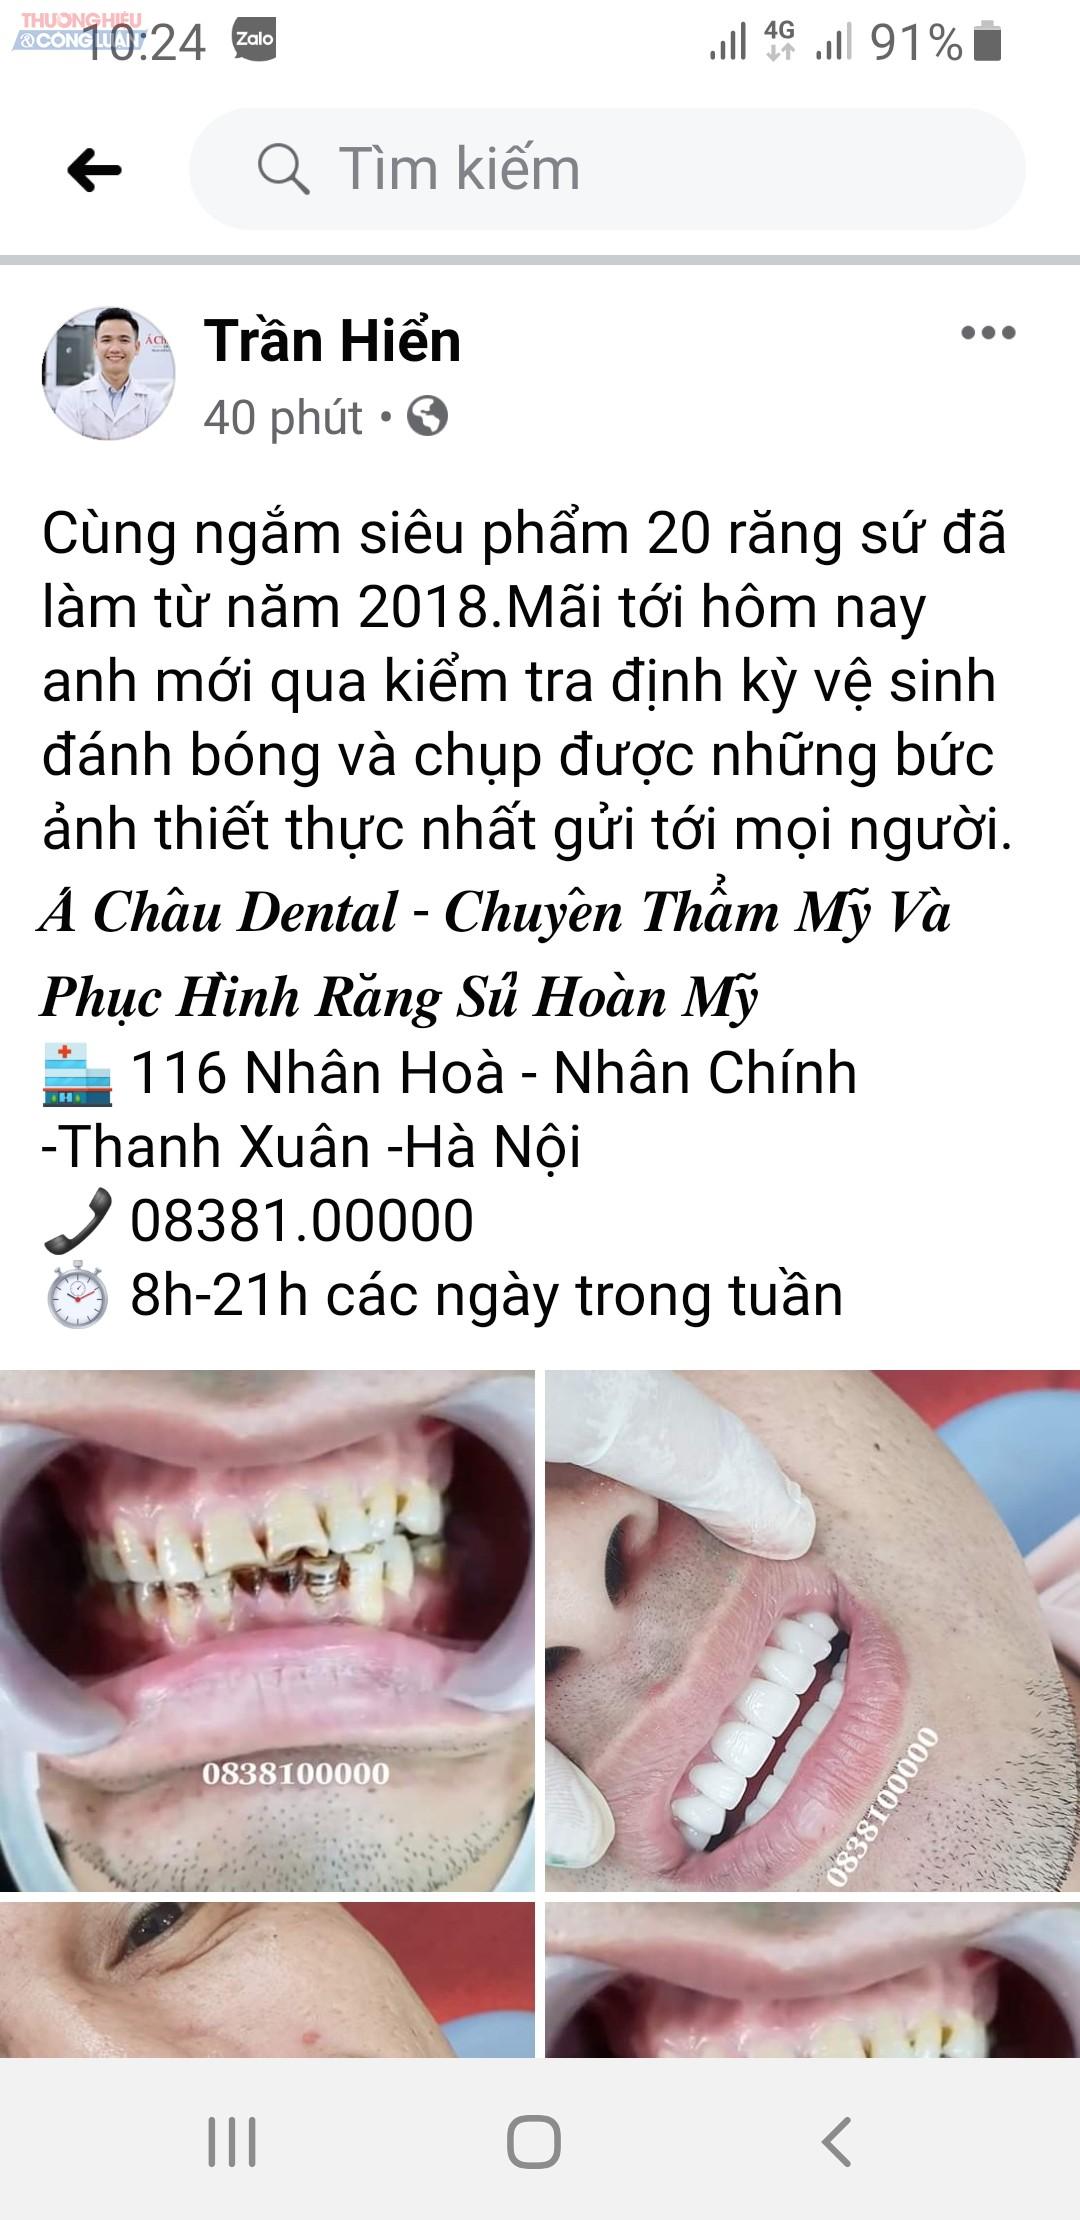 Hình ảnh quảng cáo về phòng khám trên mạng xã hội